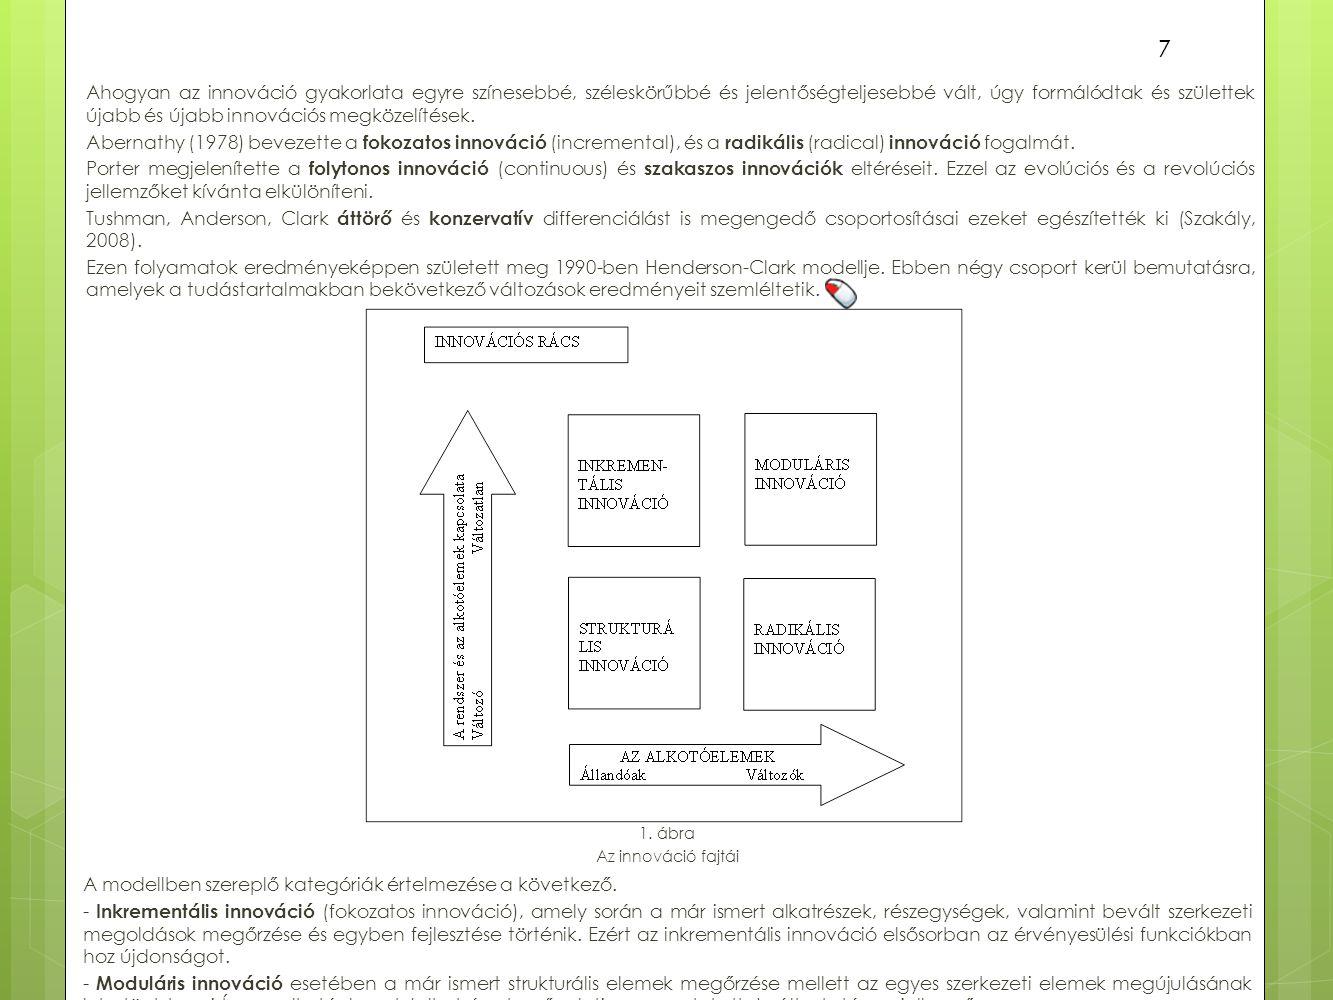 A modellben szereplő kategóriák értelmezése a következő.